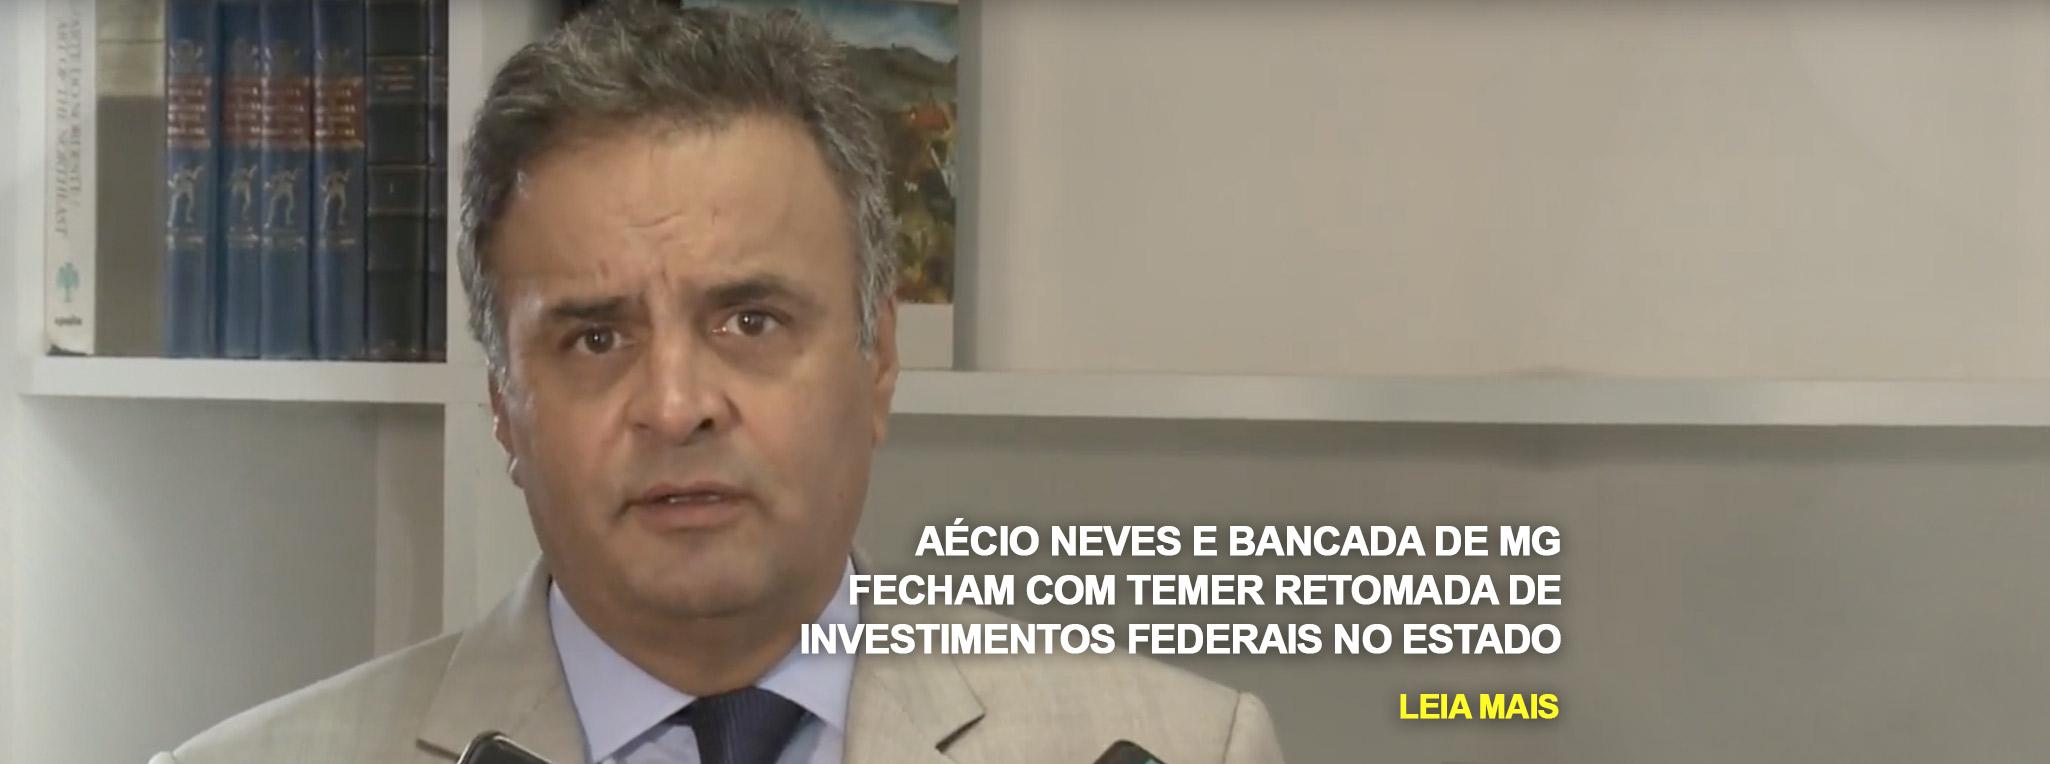 Aécio Neves e bancada de MG fecham com Temer retomar investimentos federais no estado